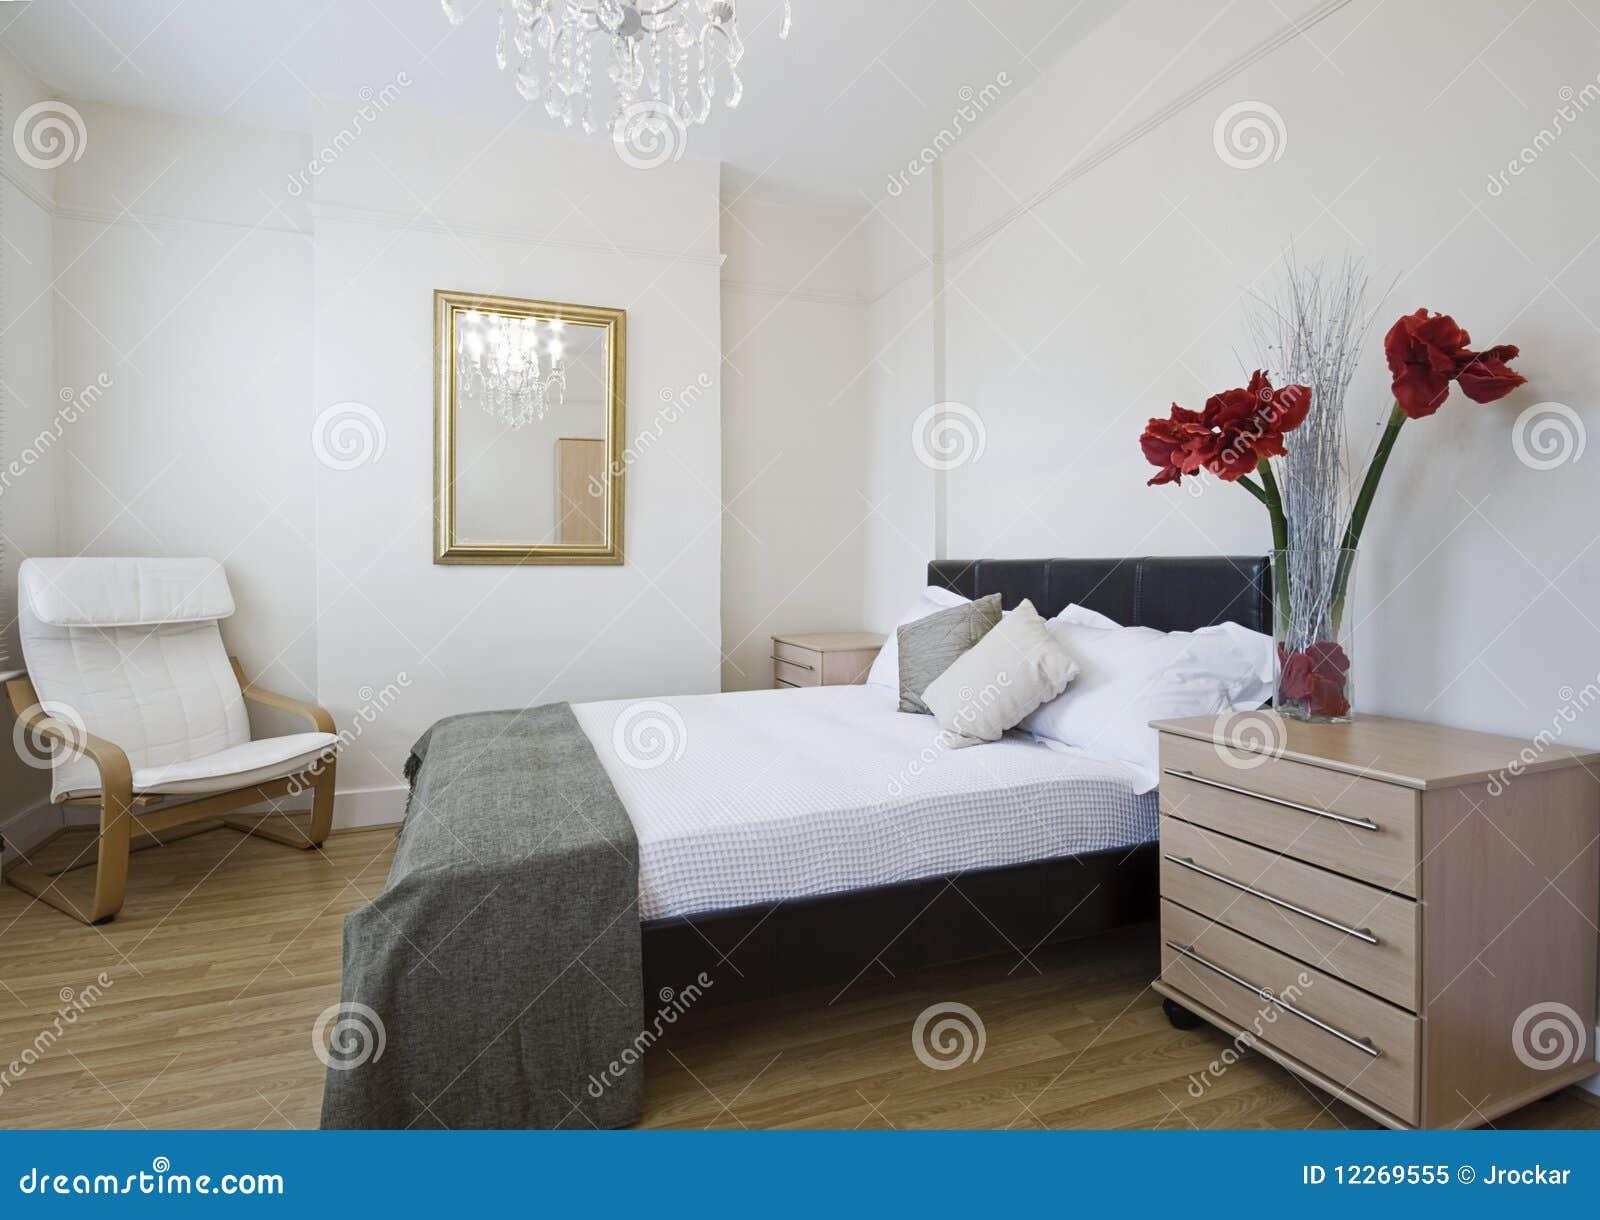 De slaapkamer van de luxe met bloemen